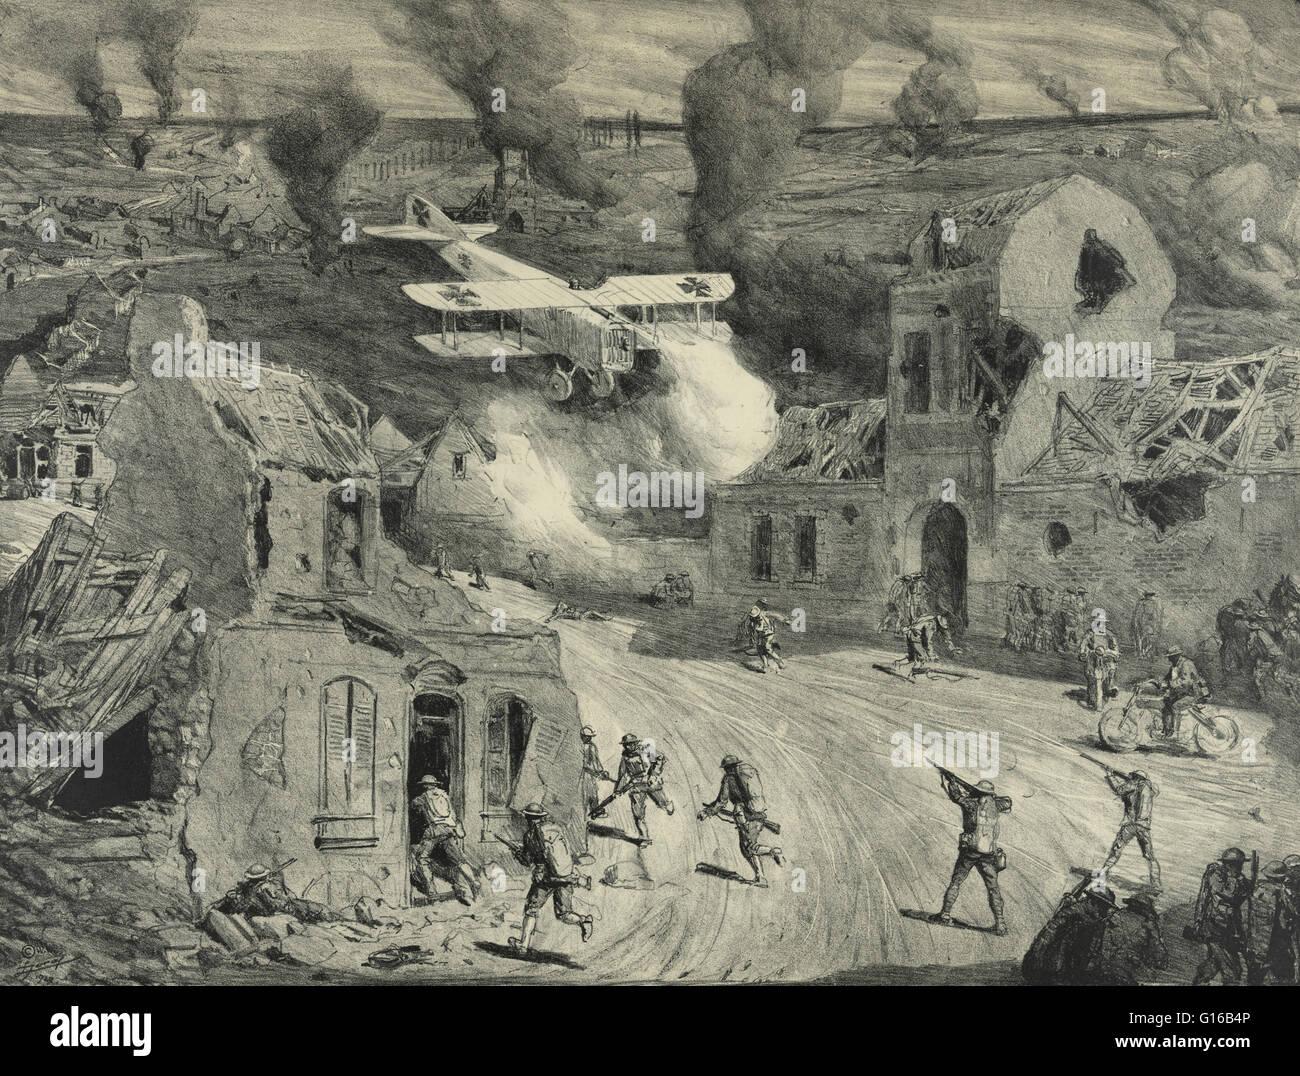 Unter dem Titel: Flugzeug Angriff Truppen aus geringer Höhe bei Vierzy bei Soissons Angriff. Skizze der deutschen Stockfoto